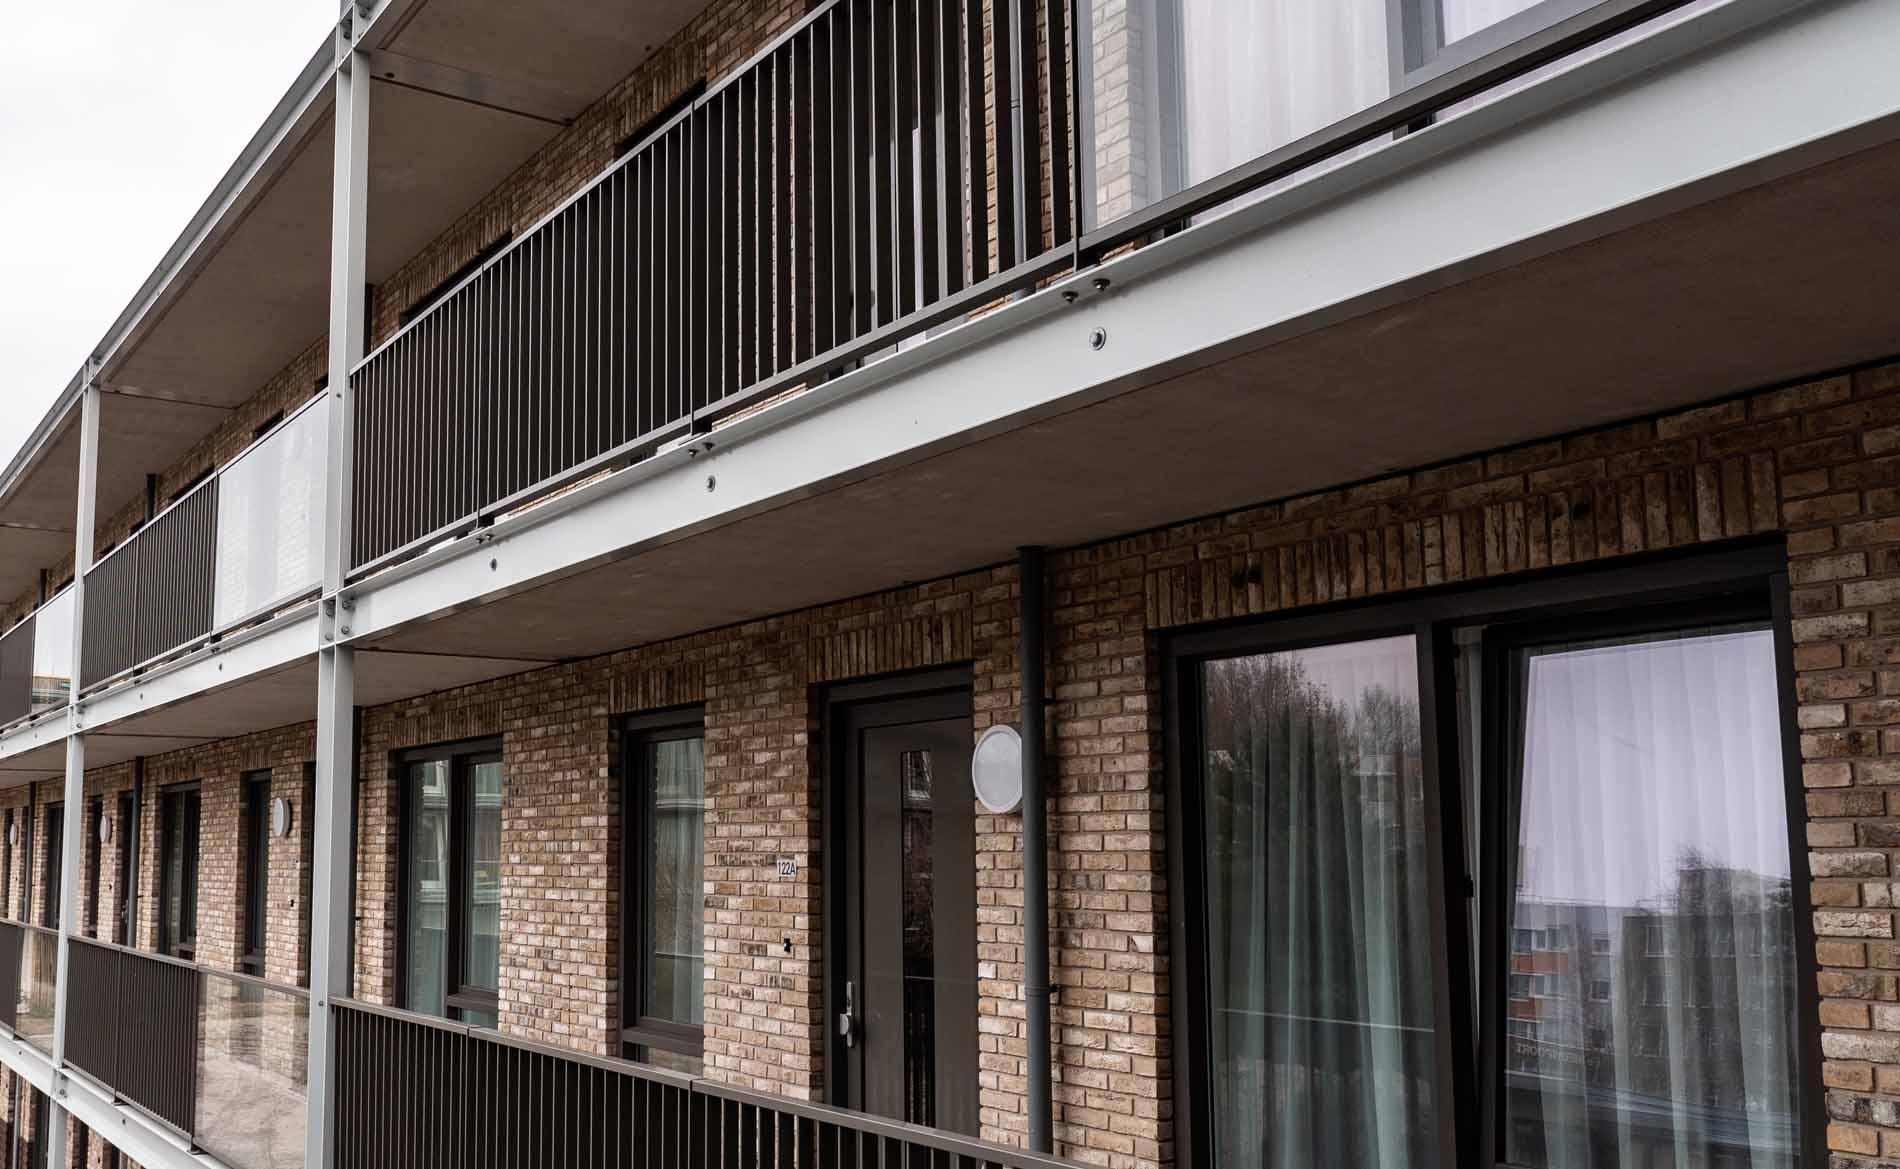 appartementen woningbouw woonzorgebouw woonzorgcentrum sociale huurwoningen seniorenhuisvesting De Kroon Alkmaar BBHD architecten